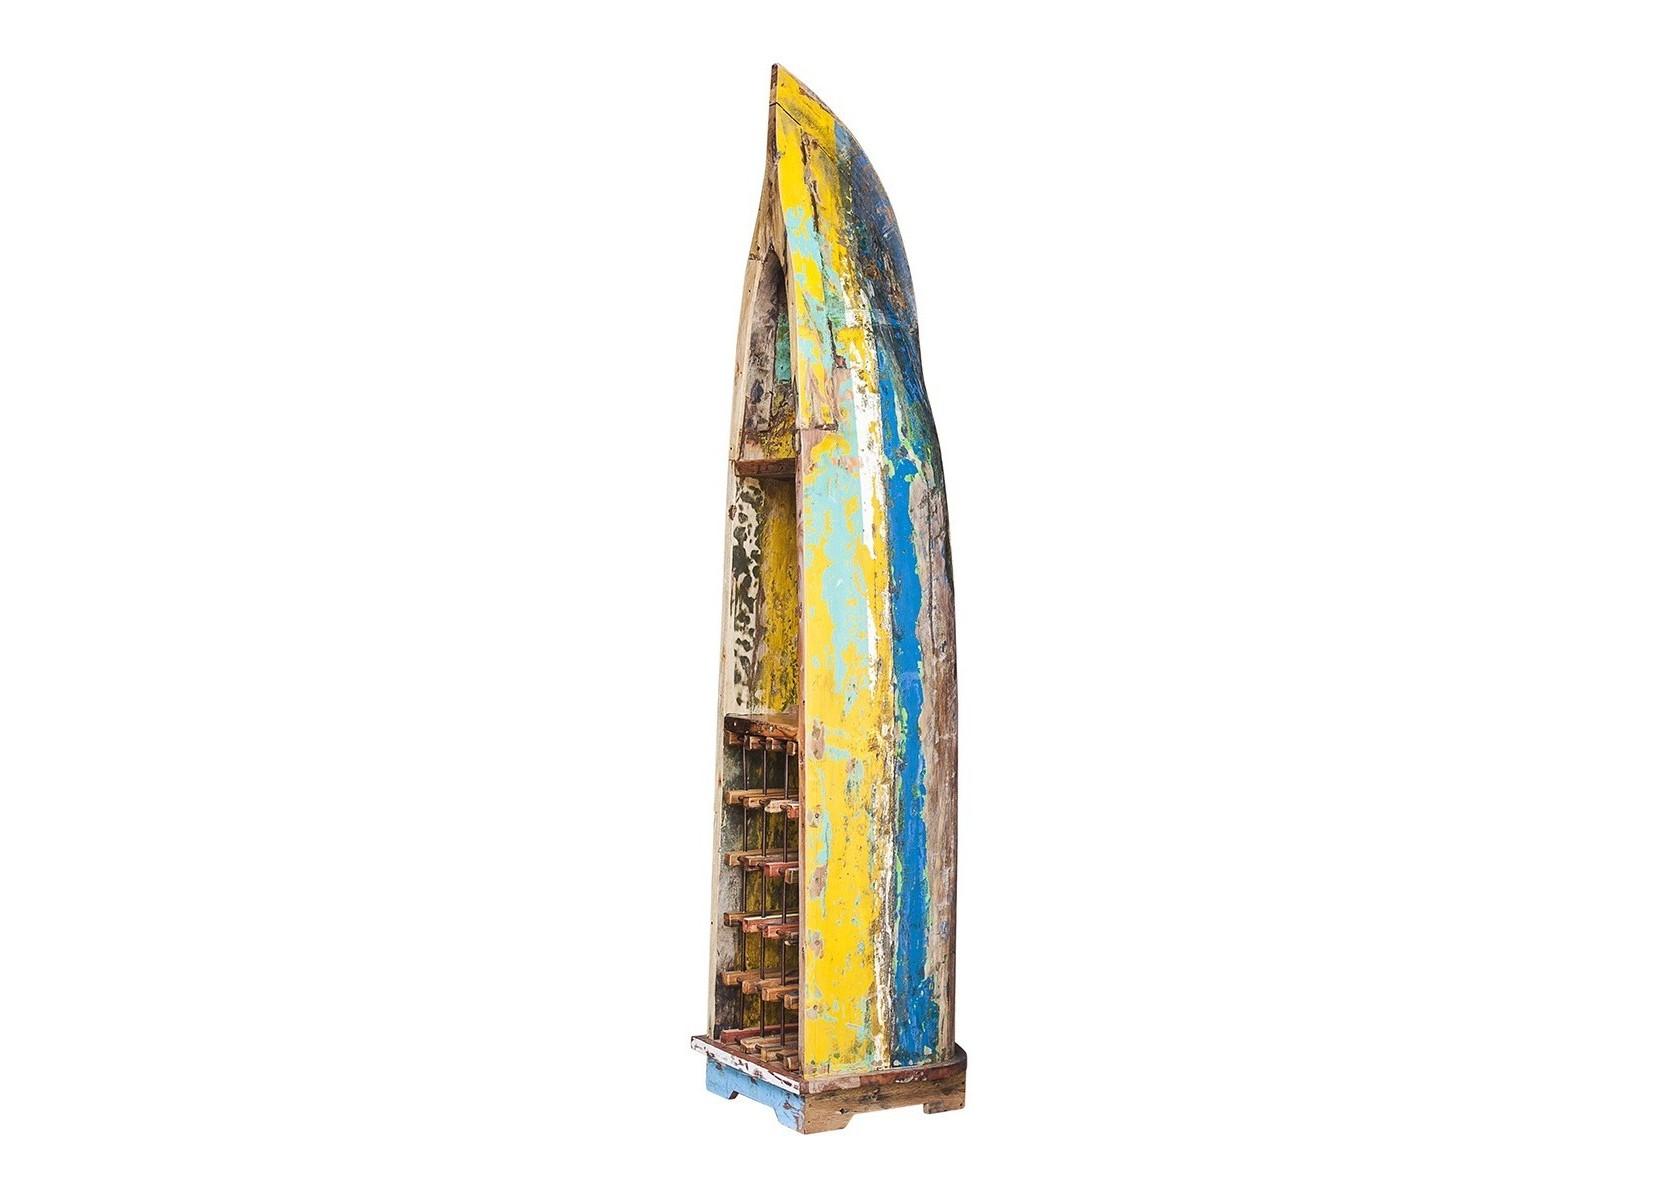 Винный шкаф ВоробейВинные шкафы<br>Винный шкаф, выполненный из старой рыбацкой лодки классической правильной формы с сохранением оригинальной многослойной окраски.<br>Хранит до 15 бутылок. <br>Подходит для использования как внутри помещения, так и снаружи. <br>Сборка не требуется. <br>Покрытие: шеллак <br>Материал: массив тика (махогони, суара)<br><br>Material: Тик<br>Ширина см: 48<br>Высота см: 220<br>Глубина см: 50